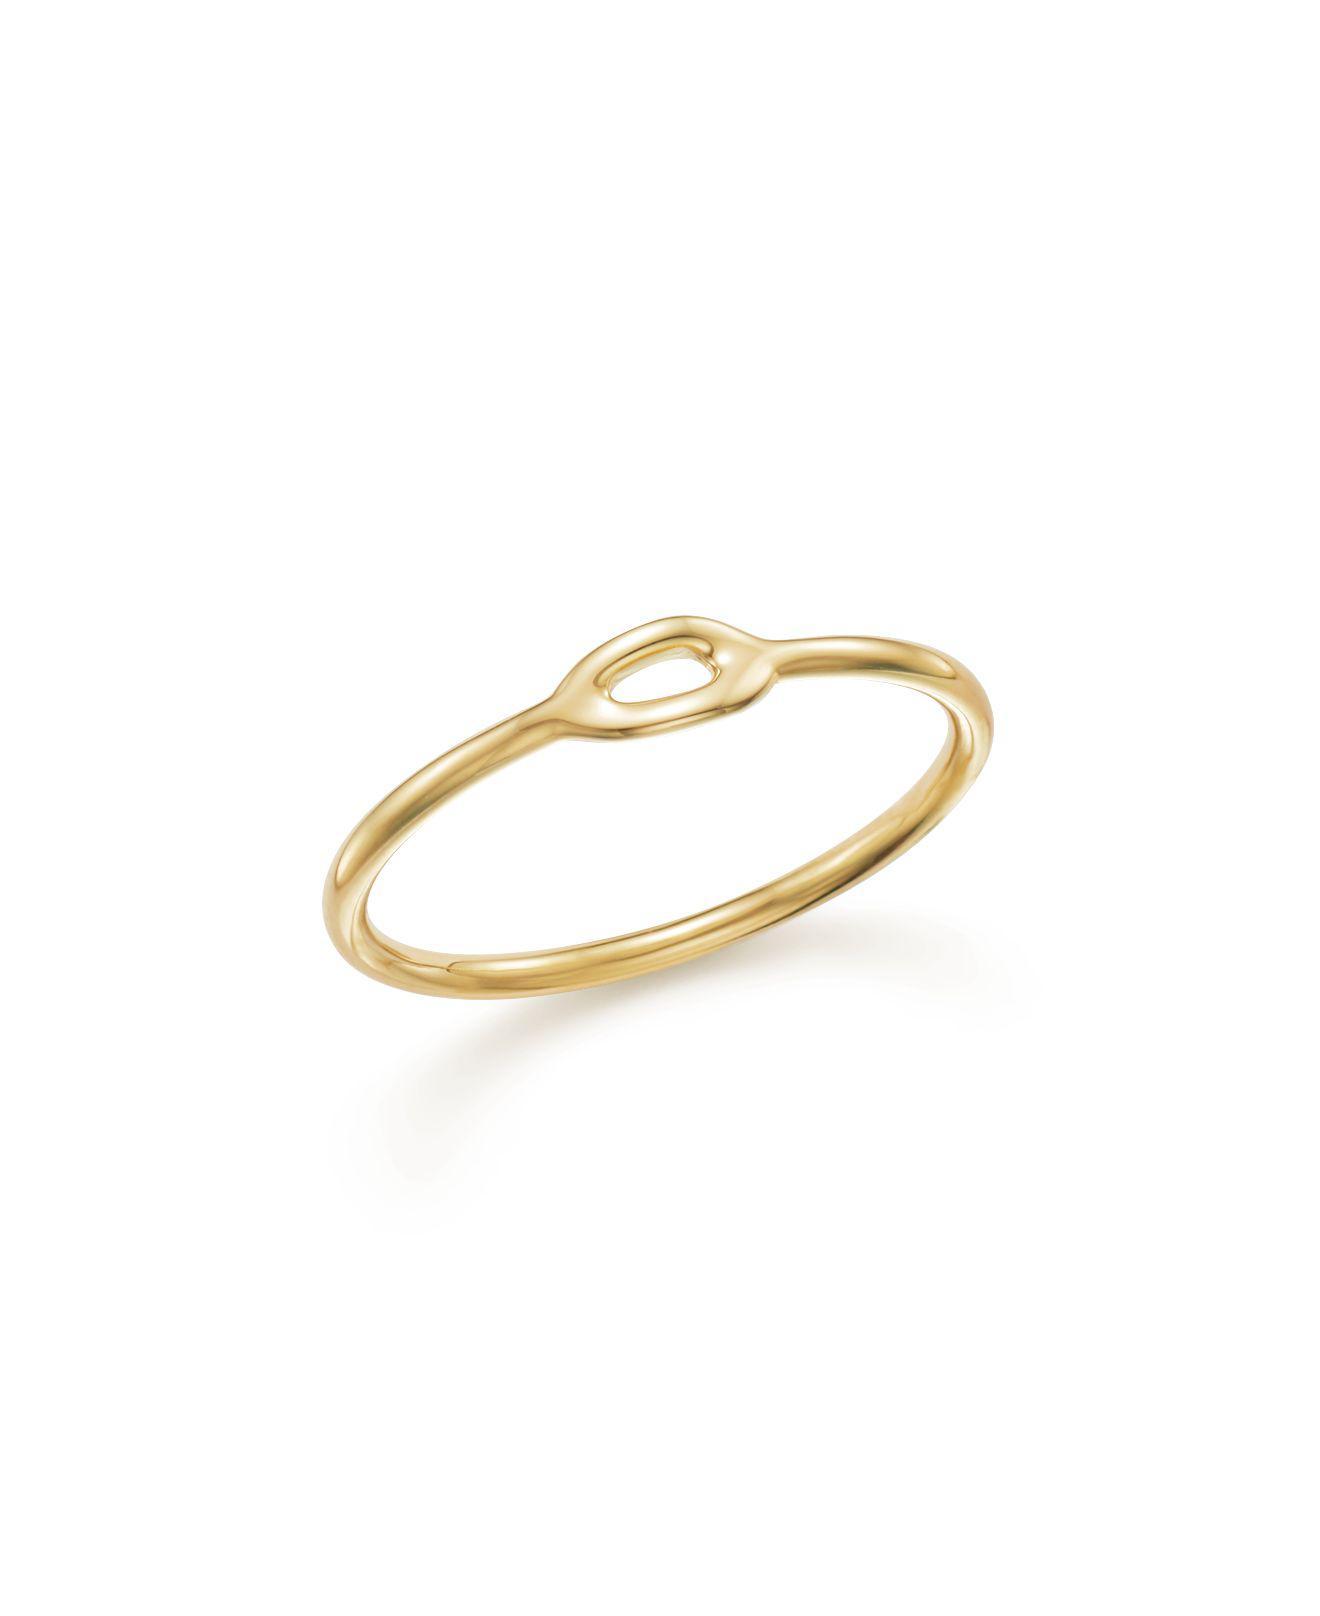 Ippolita Cherish Link Wrapped Ring 53DlRAb